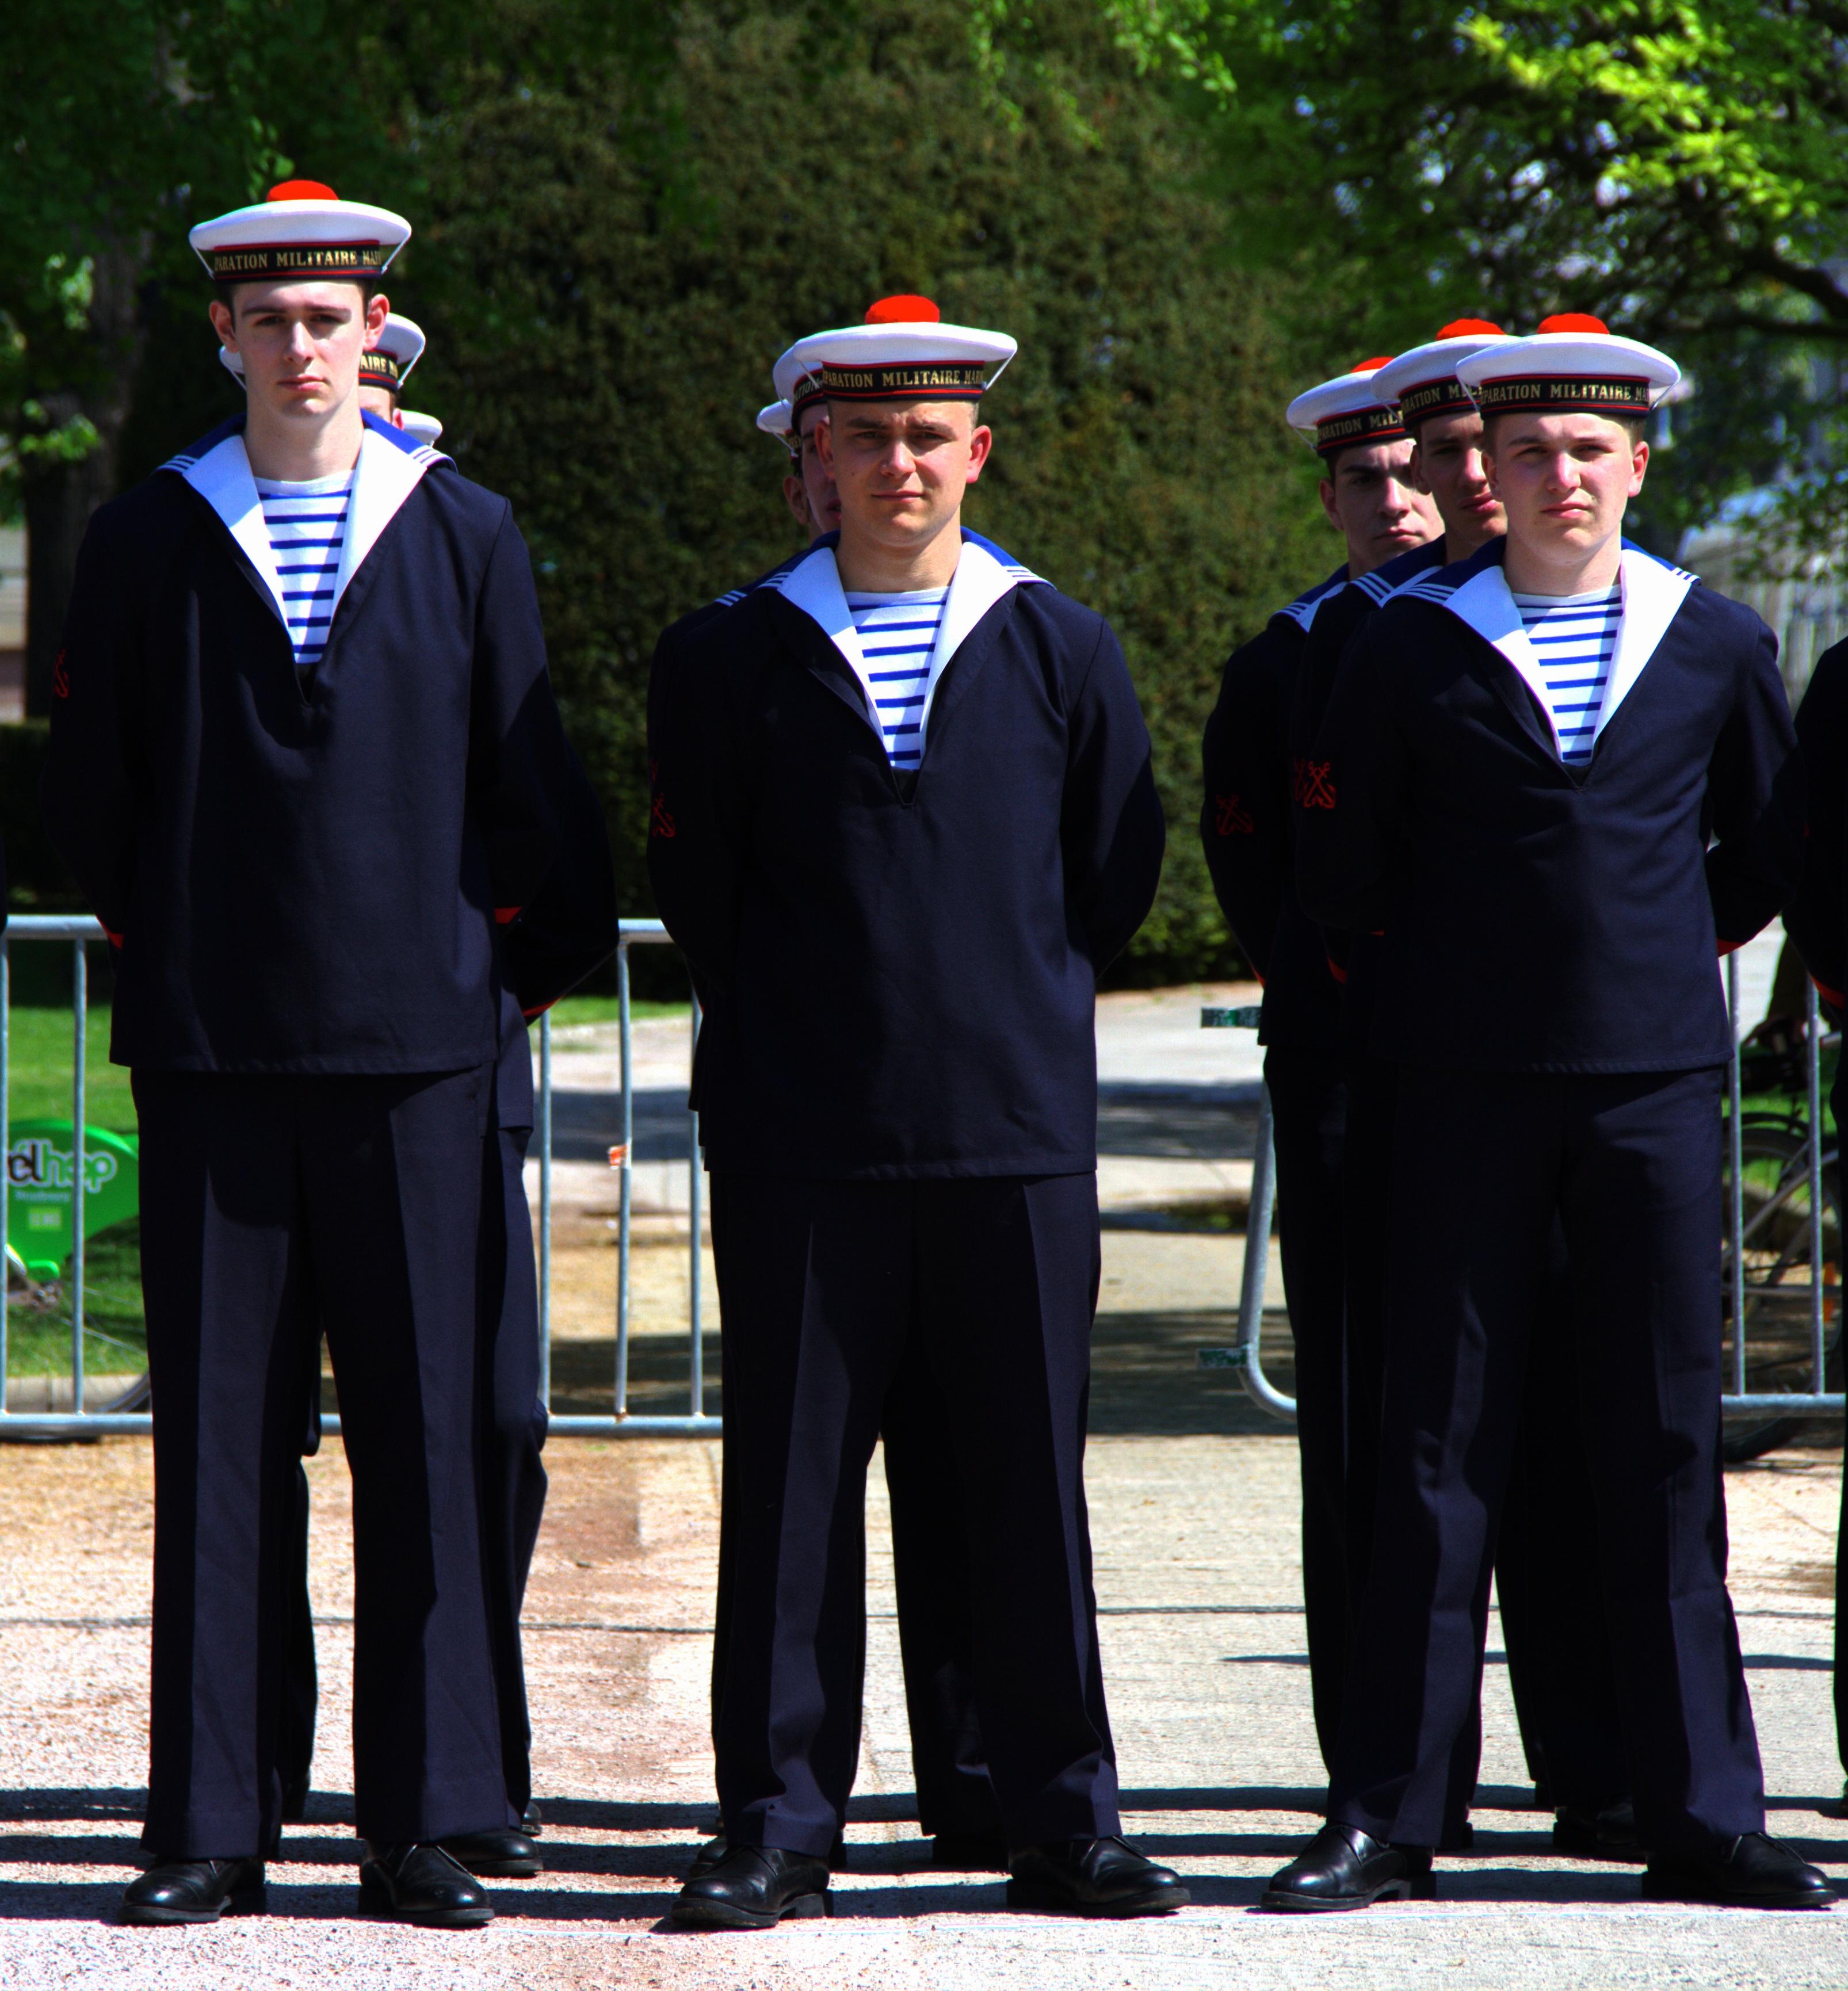 Description Stagiaires de la Préparation militaire marine portant la ...